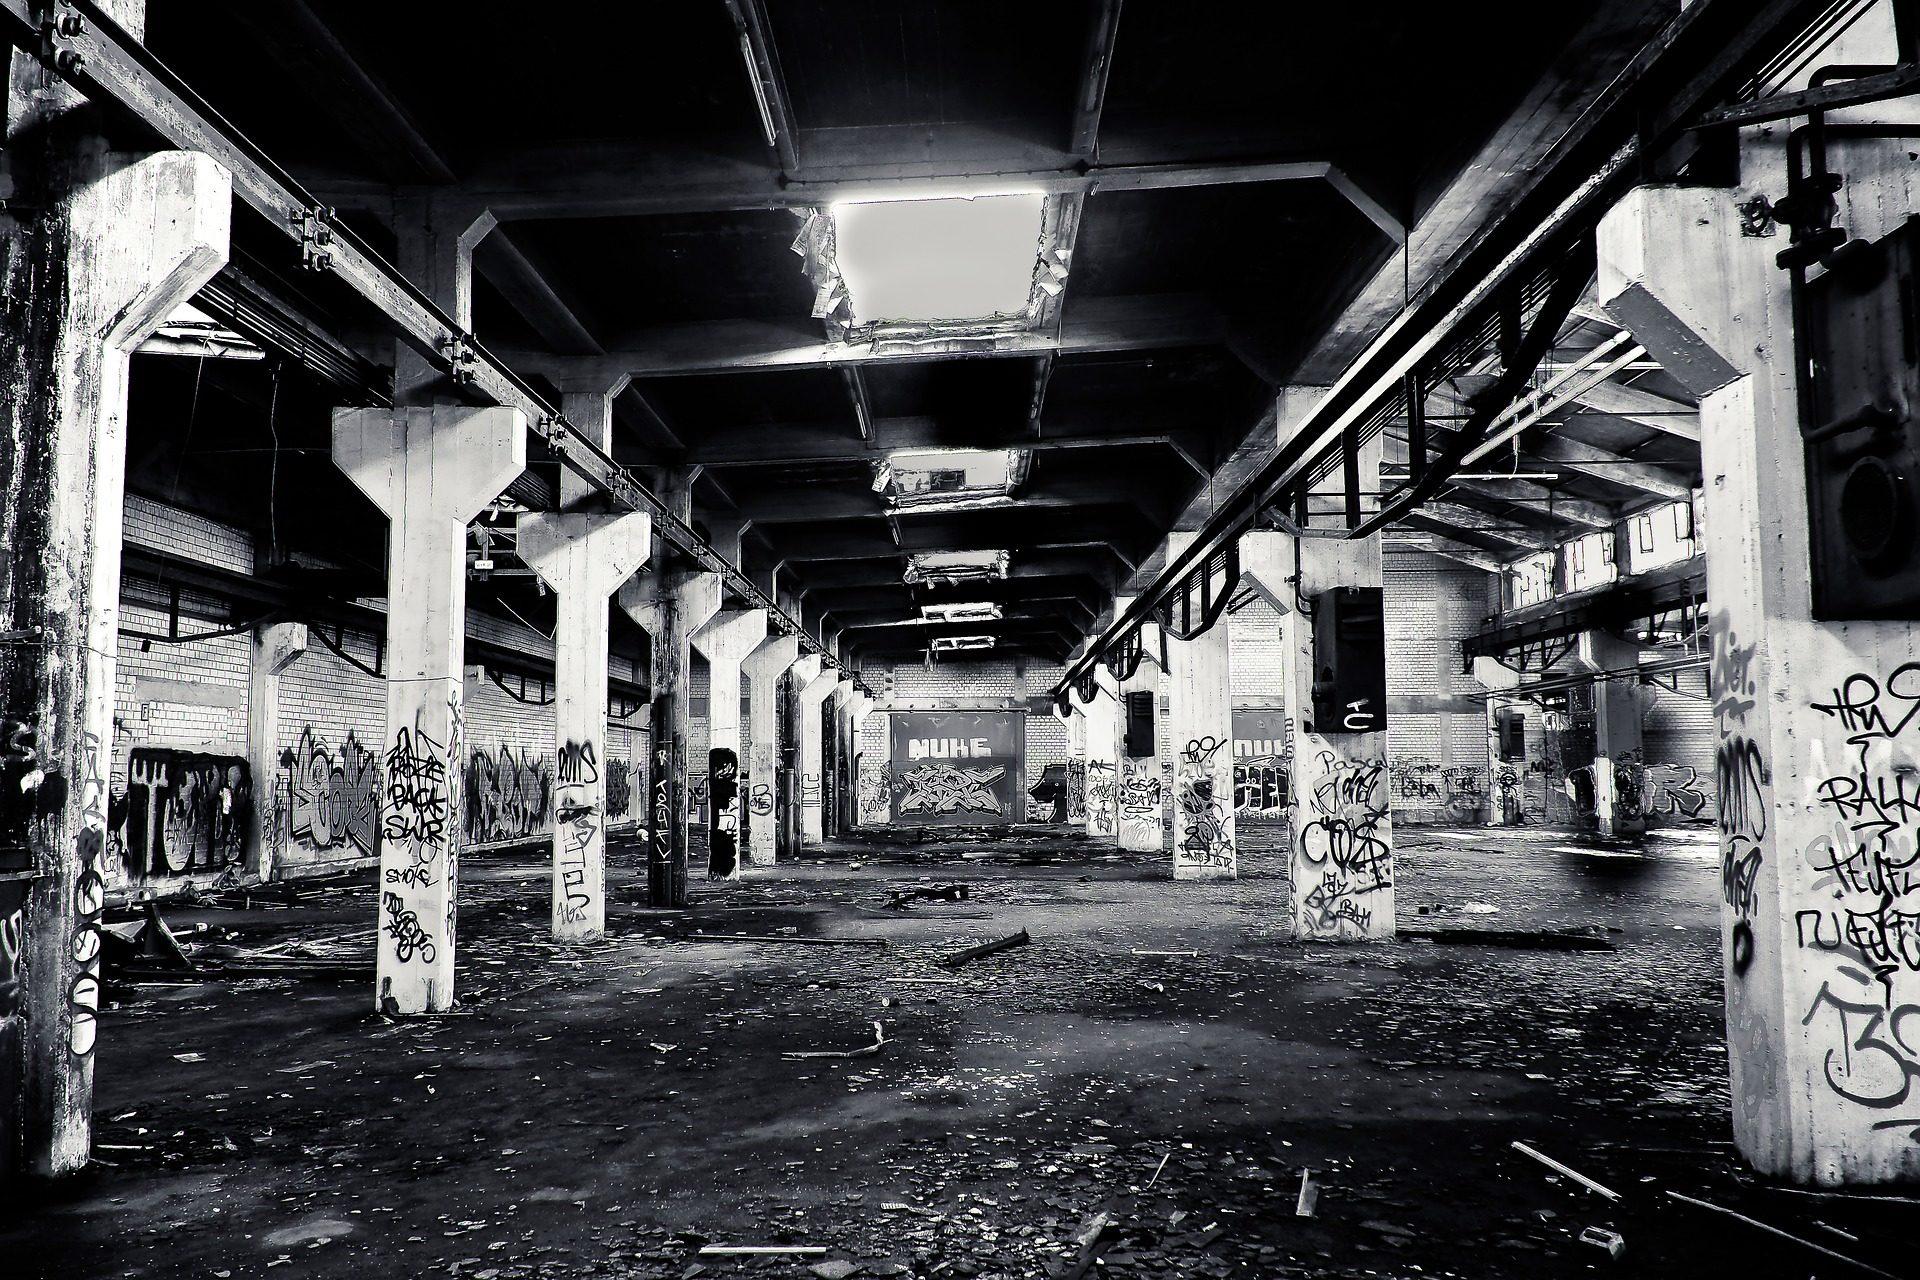 здание, Архитектура, Старый, брошенные, Корзина, грязь, в черно-белом - Обои HD - Профессор falken.com